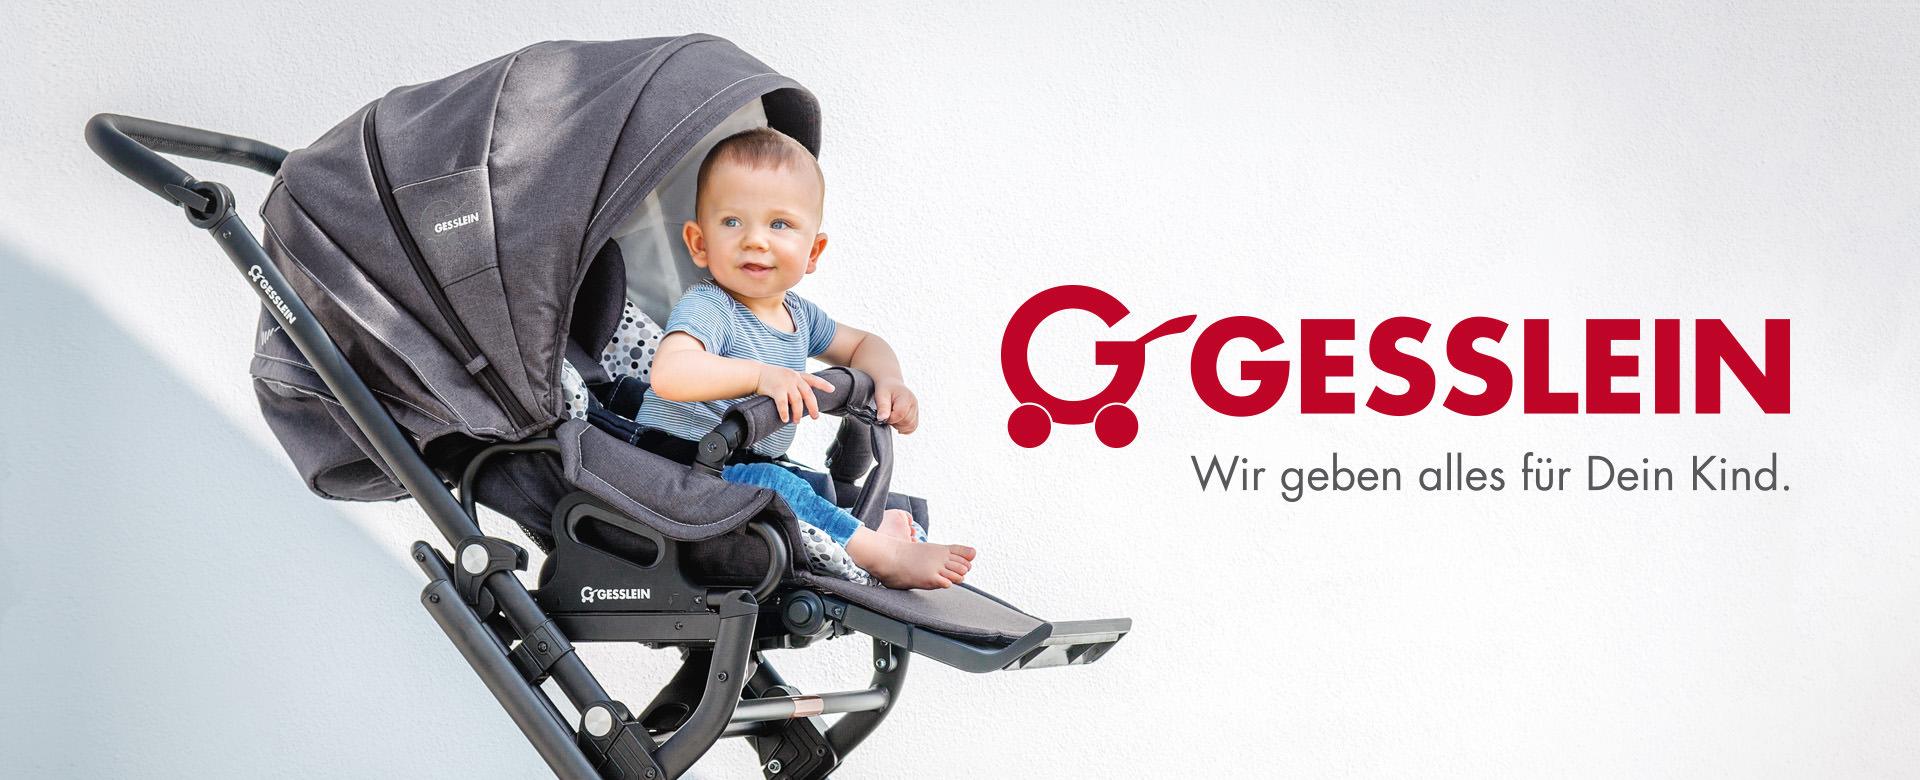 Gesslein Kinderwagen sind individuell gestaltbar. Die Modelle F4, F6, F10 oder FX4 so individuell wie dein Baby.